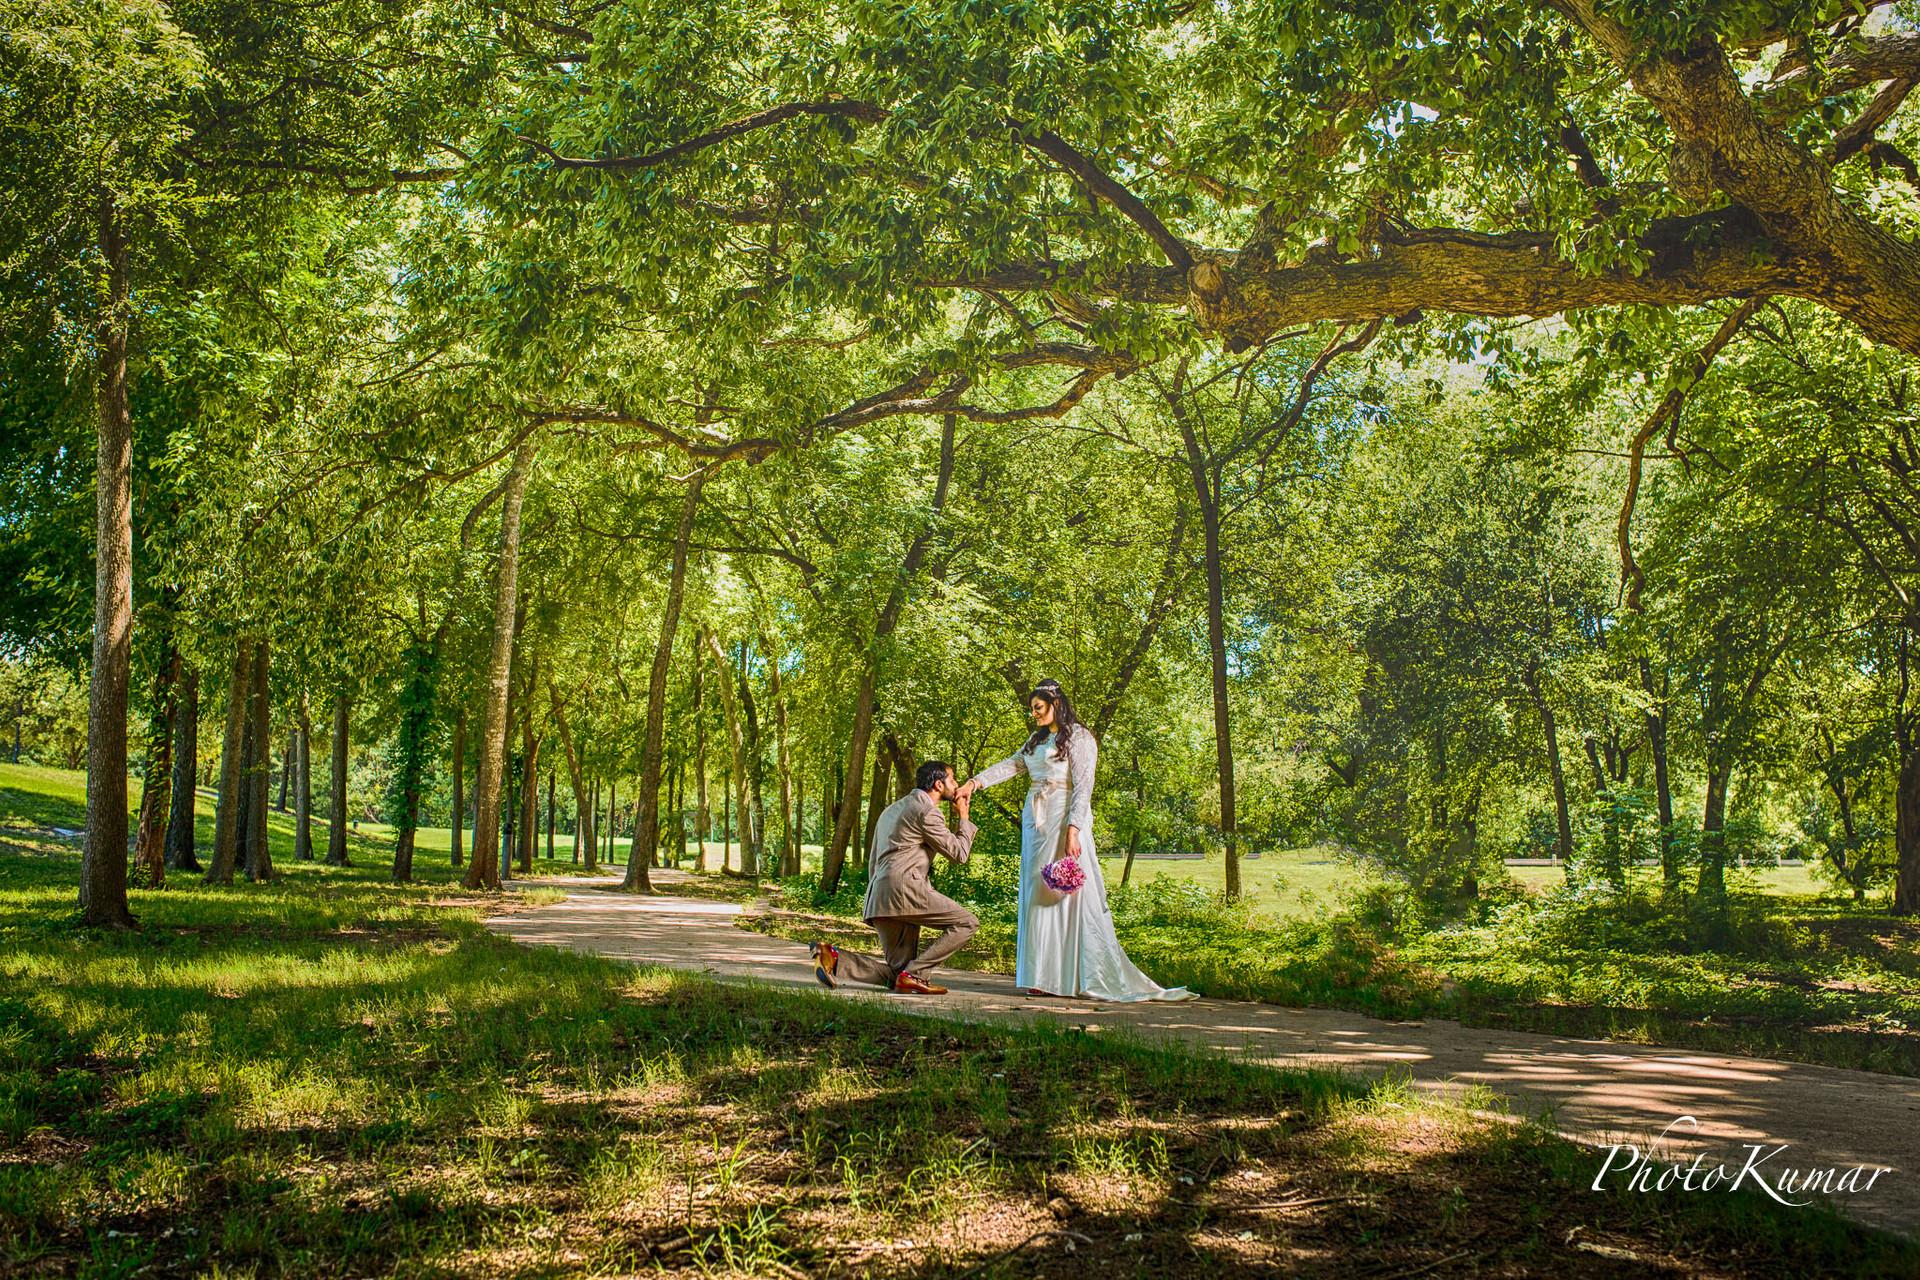 PhotoKumar-Anna and Riyaz-49.jpg